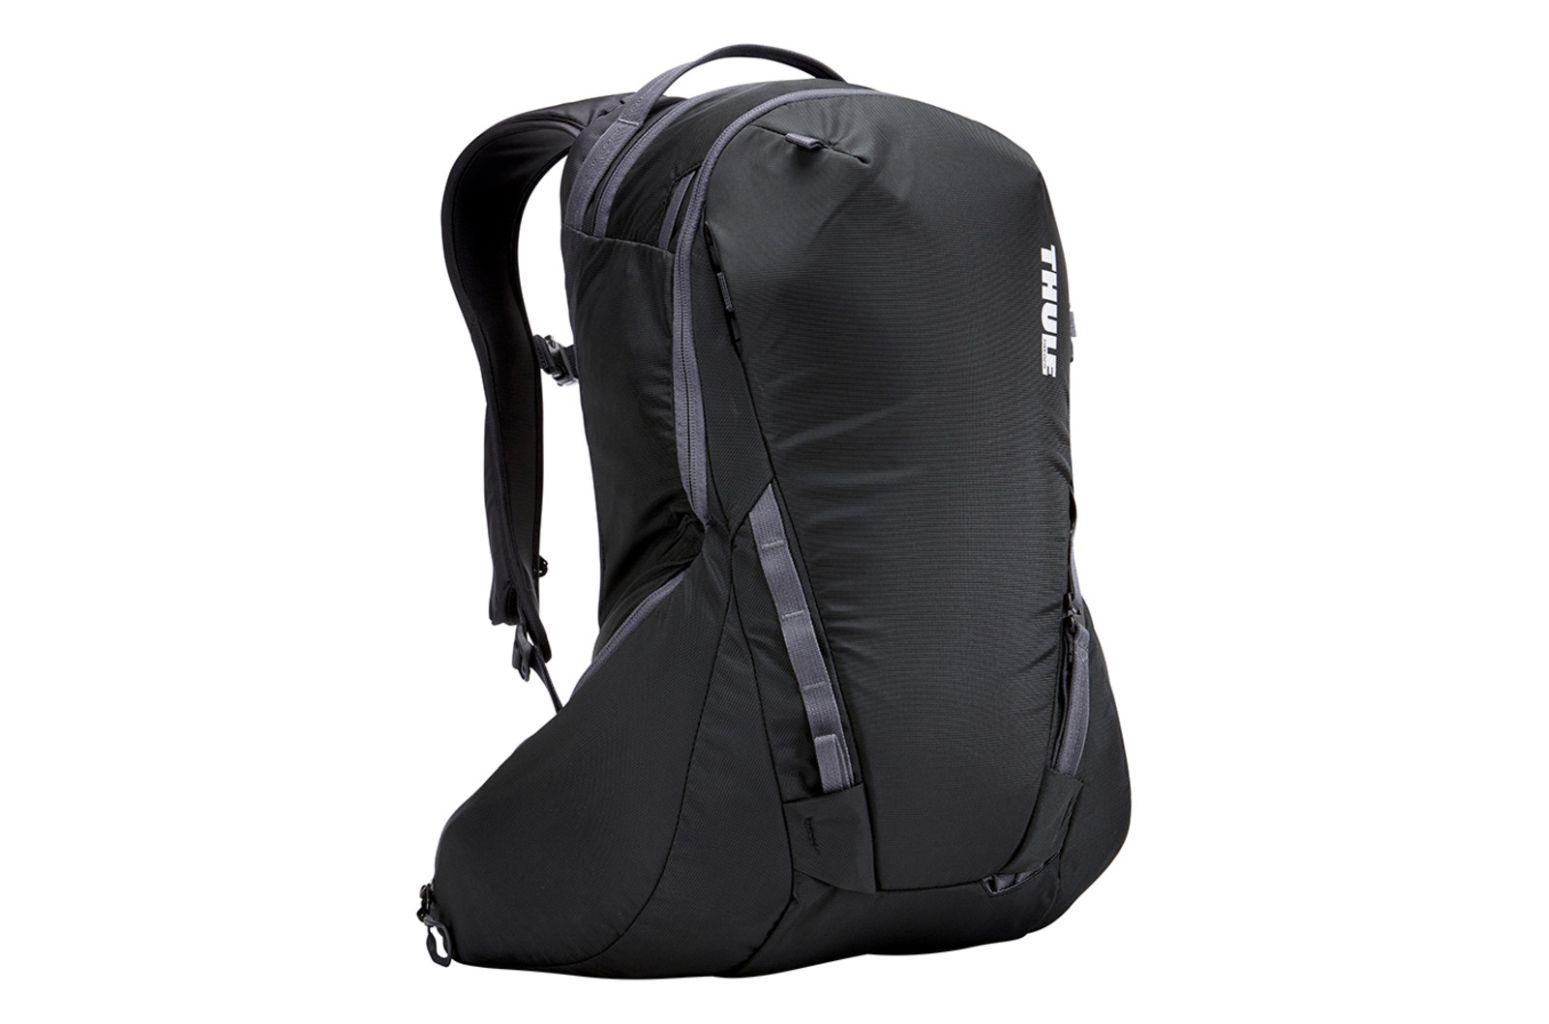 THULE Upslope 20L Backpack Black/Dark Shadow-30